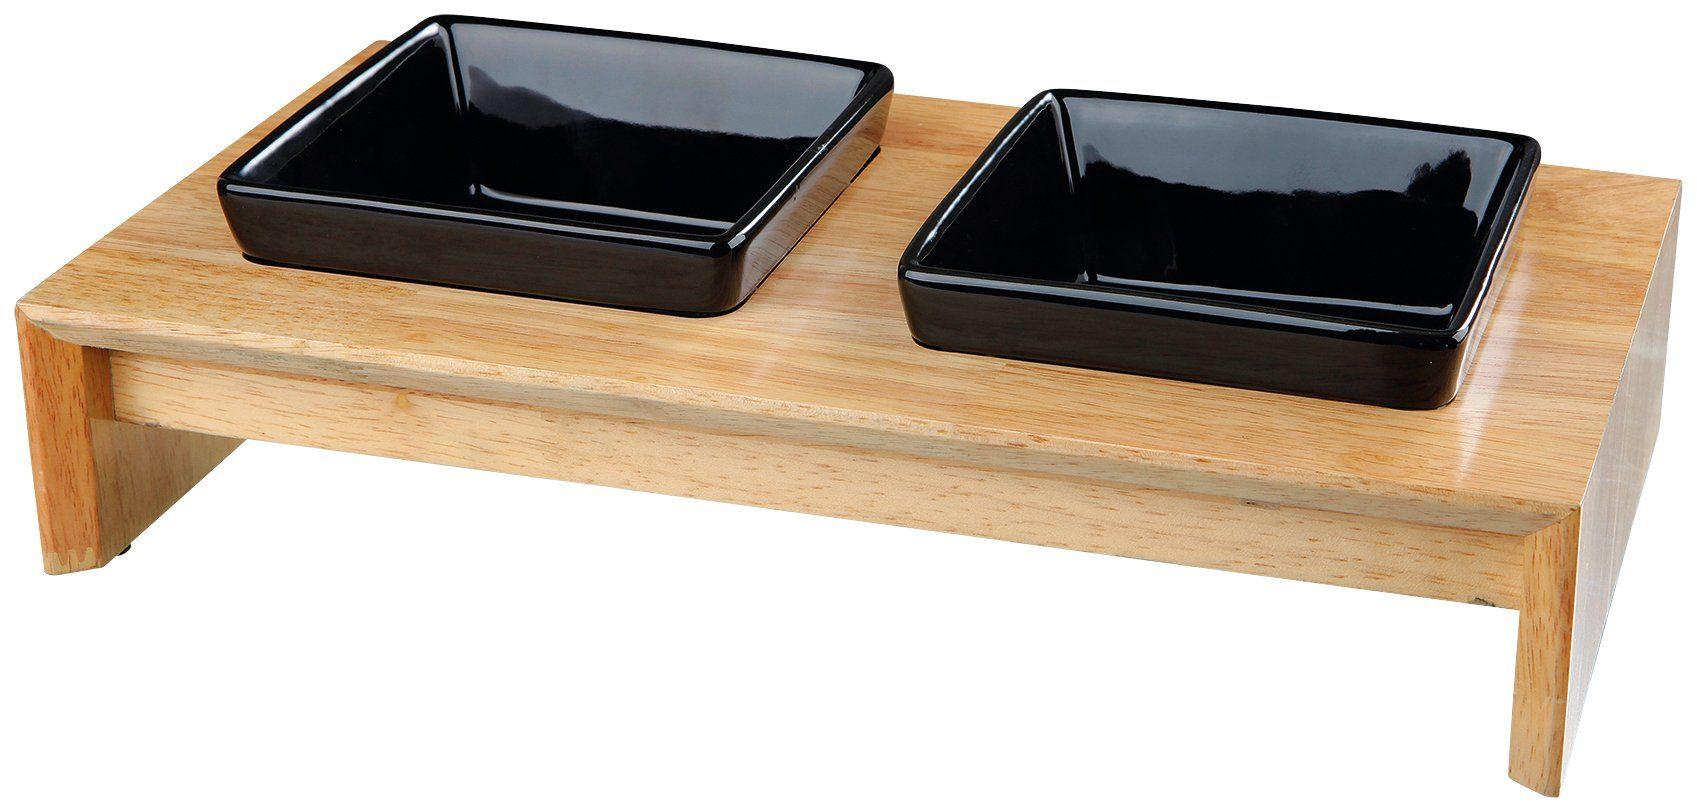 Trixie Fressnapf-Set, Keramik/Holz, 2 x 400 ml